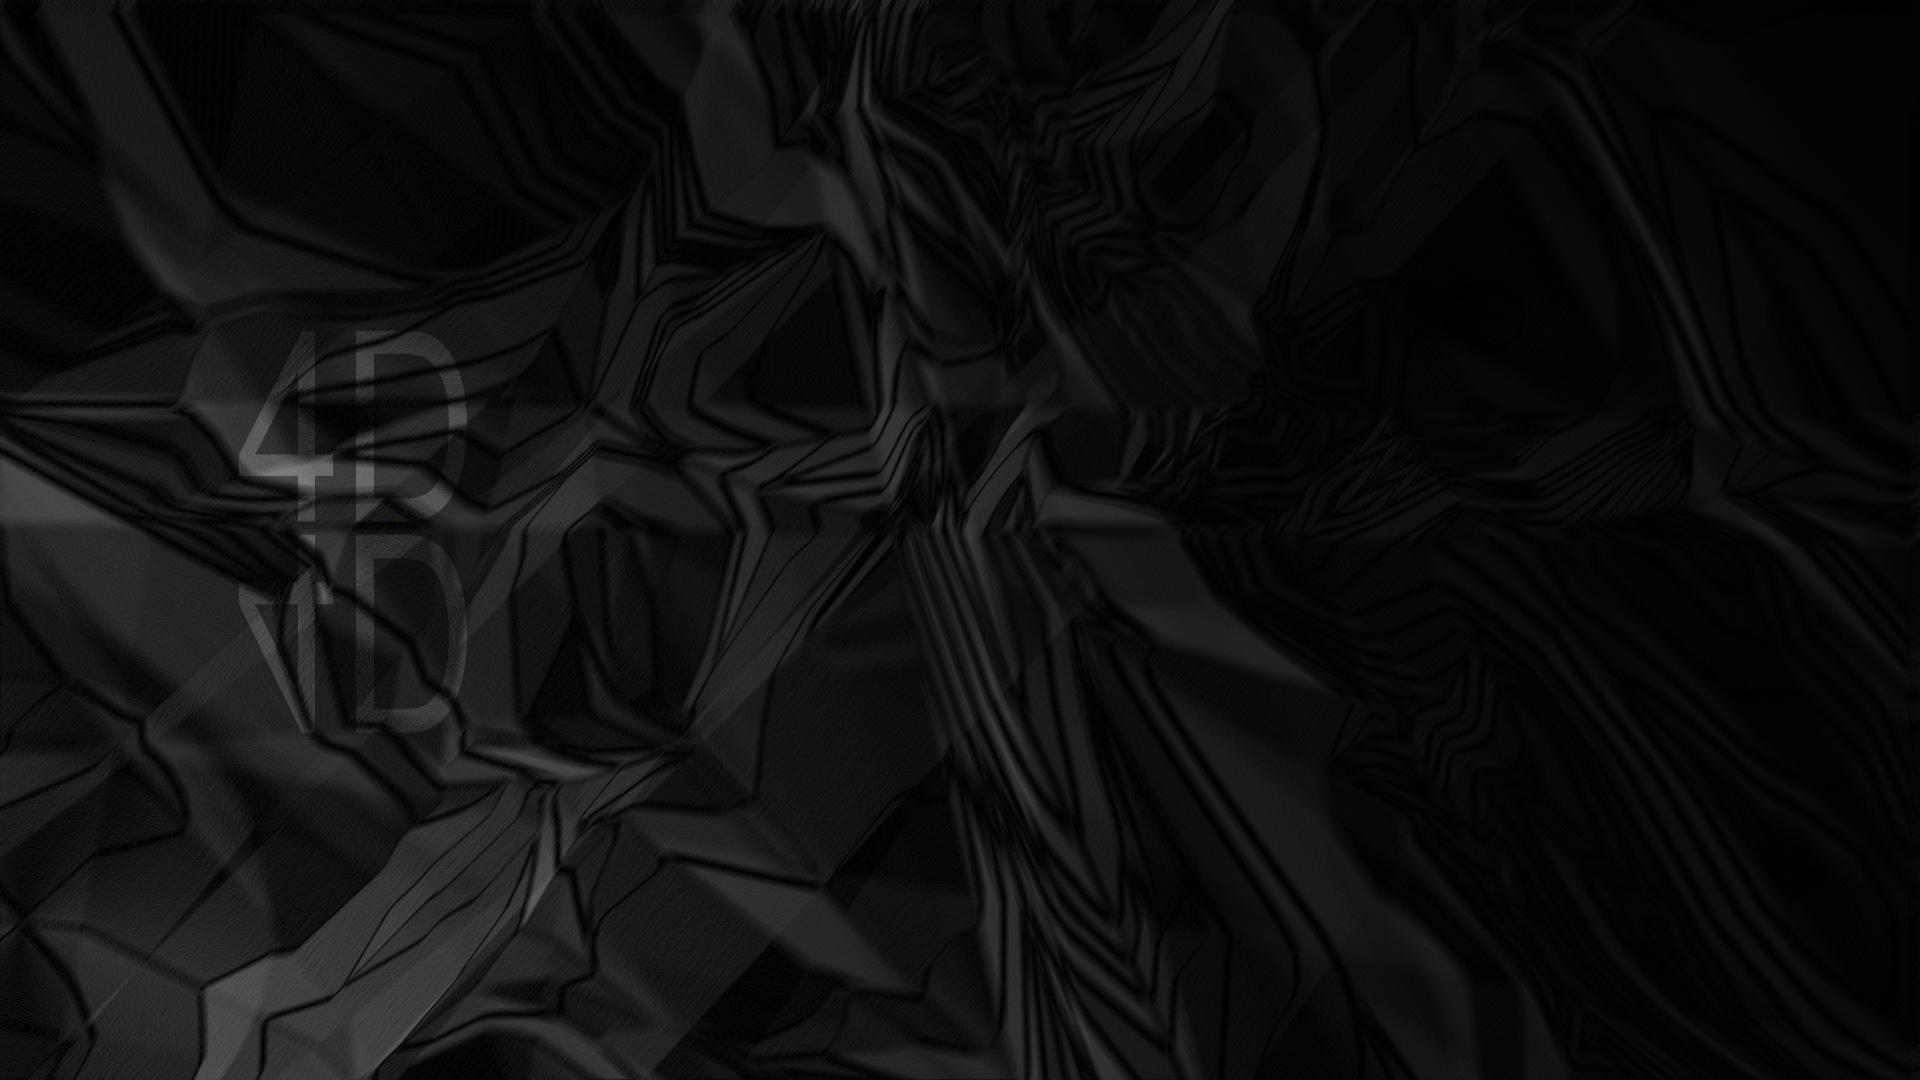 abstracto y oscuro - photo #4